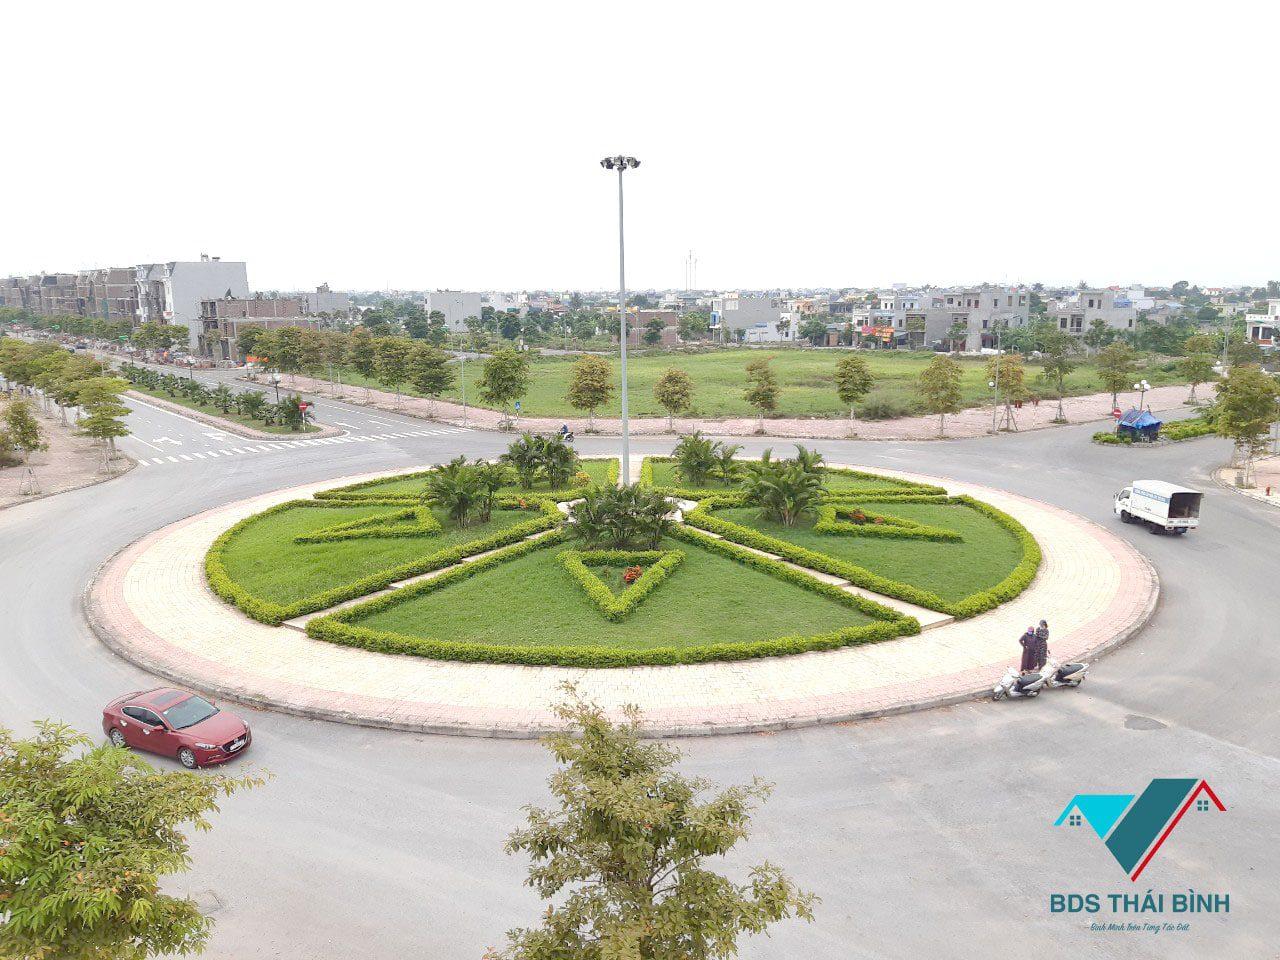 Dự án Đất Nền Dragon City Kỳ Đồng - TP Thái Bình